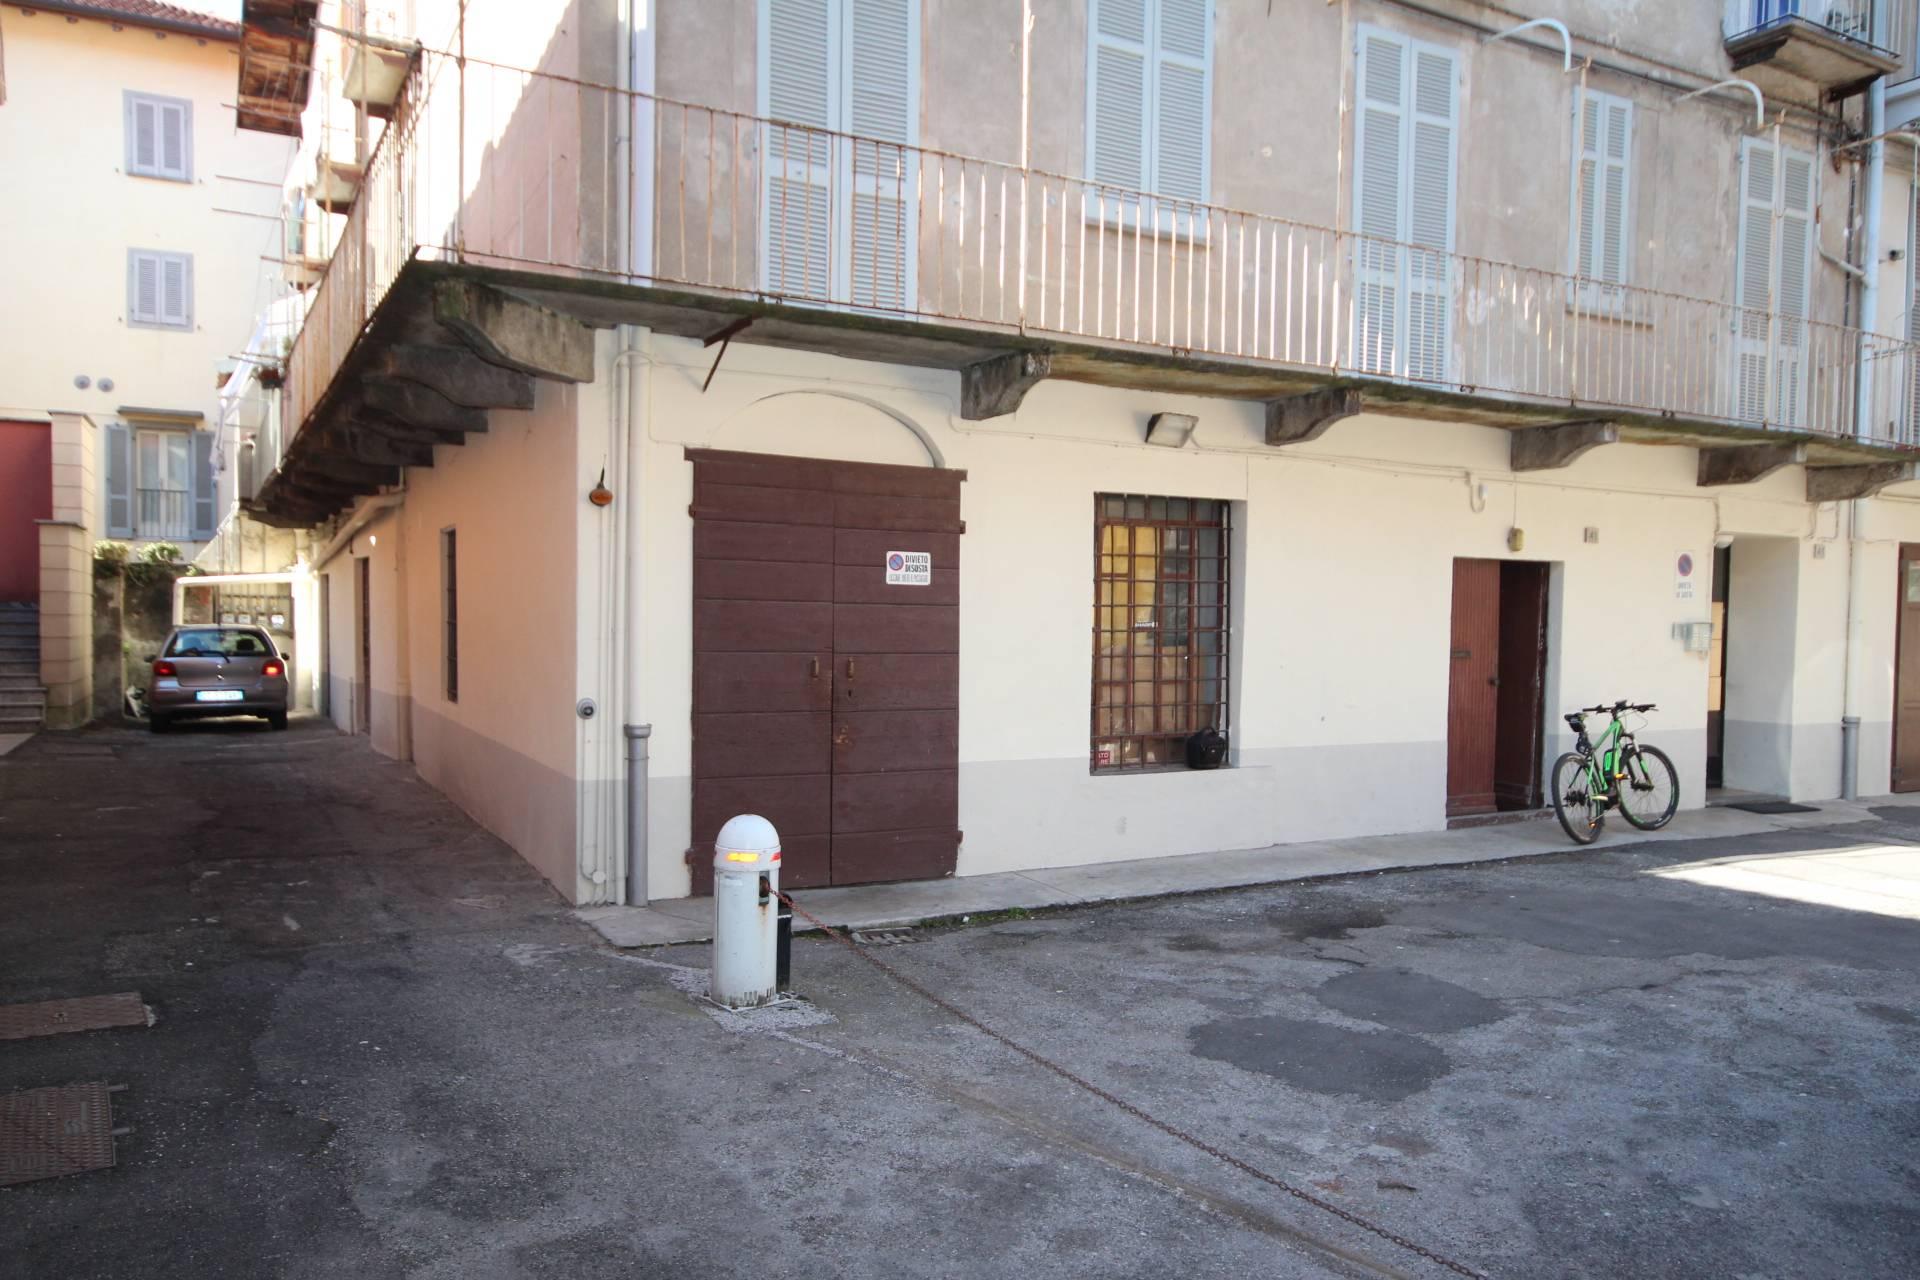 Capannone in vendita a Verbania, 9999 locali, zona Località: Intracentro, prezzo € 40.000 | Cambio Casa.it